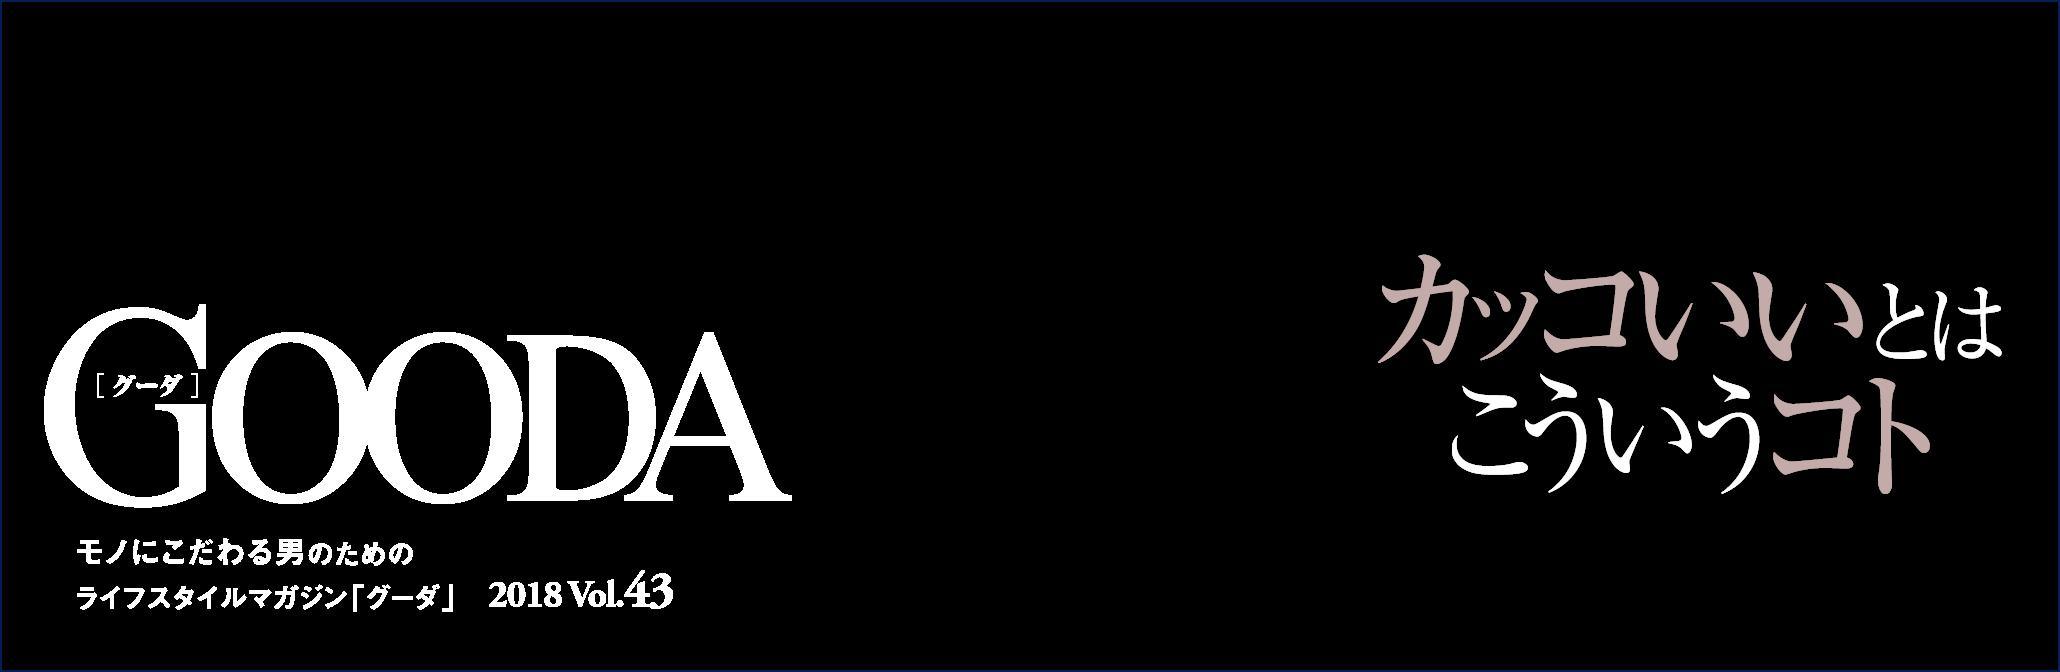 モノにこだわる男のためのライフスタイルマガジン「グーダ」 2018 vol.43 カッコいいとはこういうコト